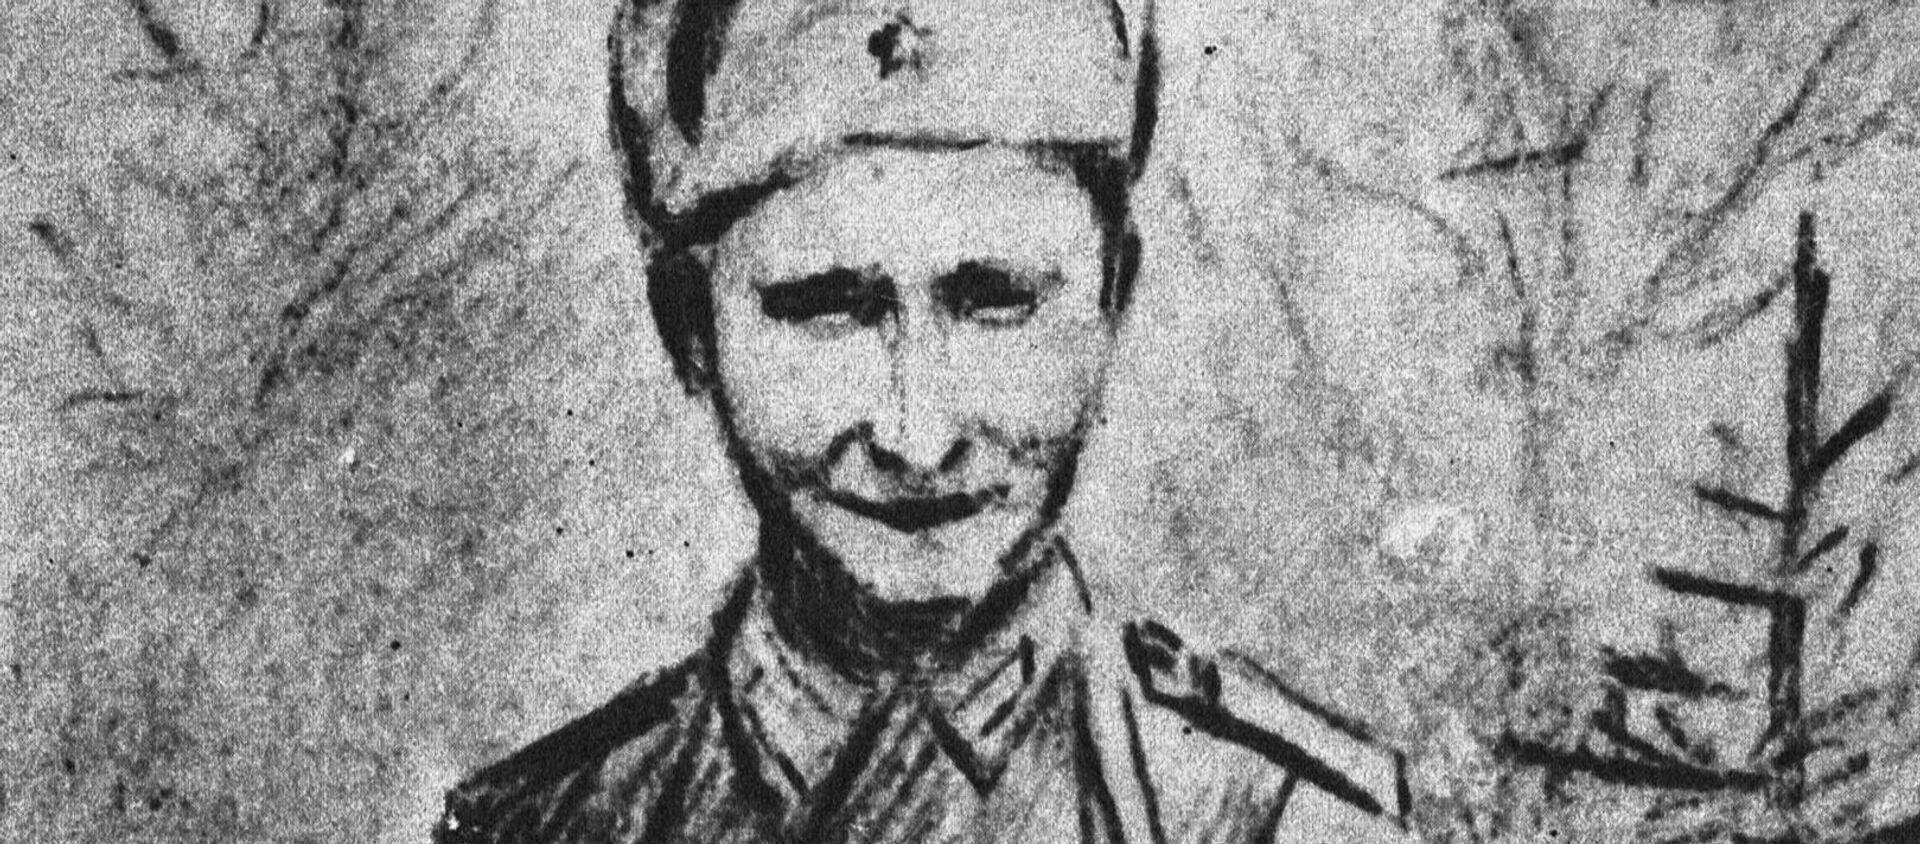 Гвардии сержант Николай Спрингис, 1943 год, рисунок Е.Ванага - Sputnik Latvija, 1920, 13.05.2020